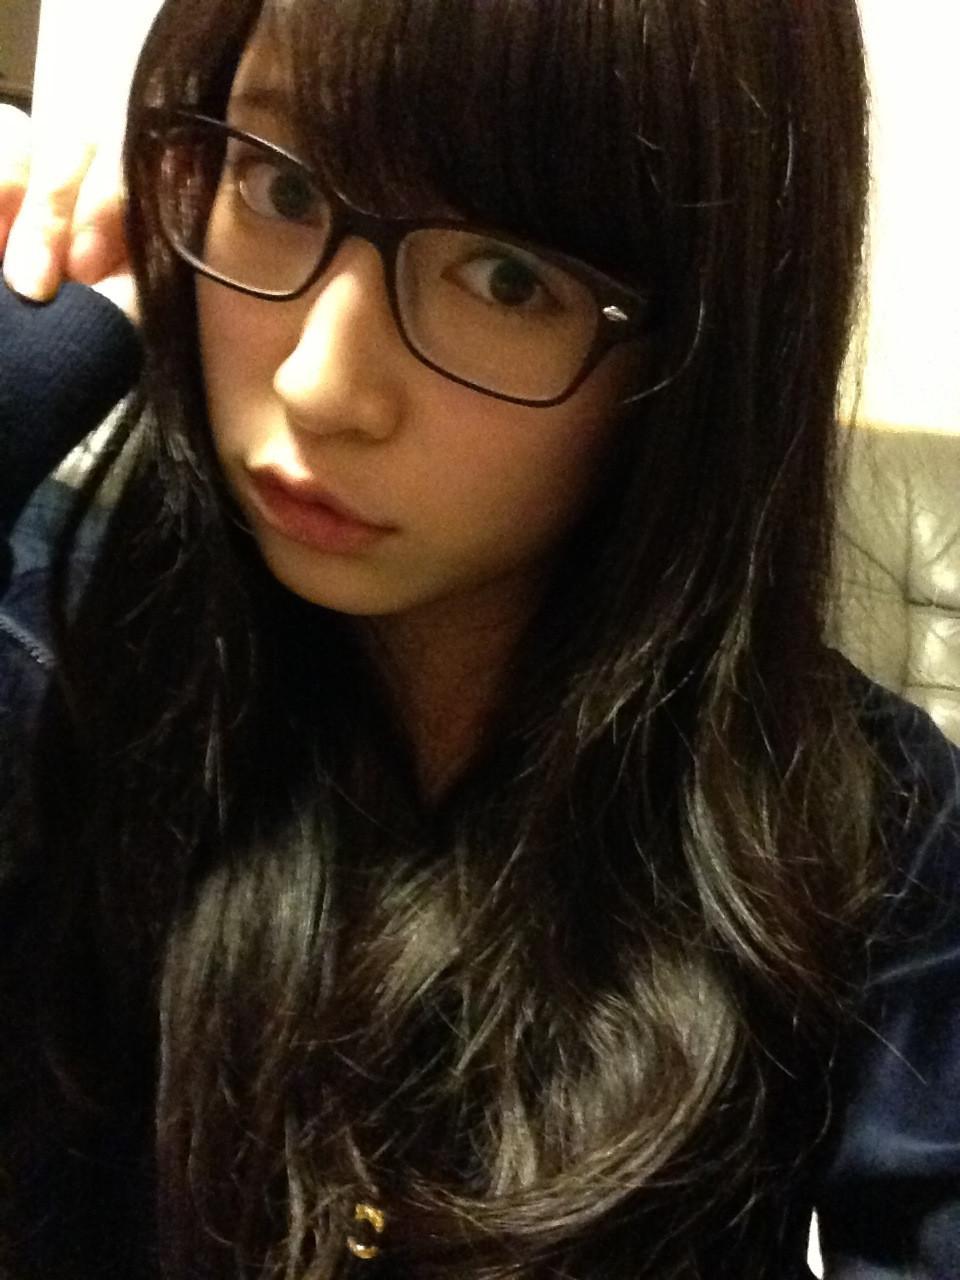 美少女メガネJKエロ画像。詳細は以下に記載します。